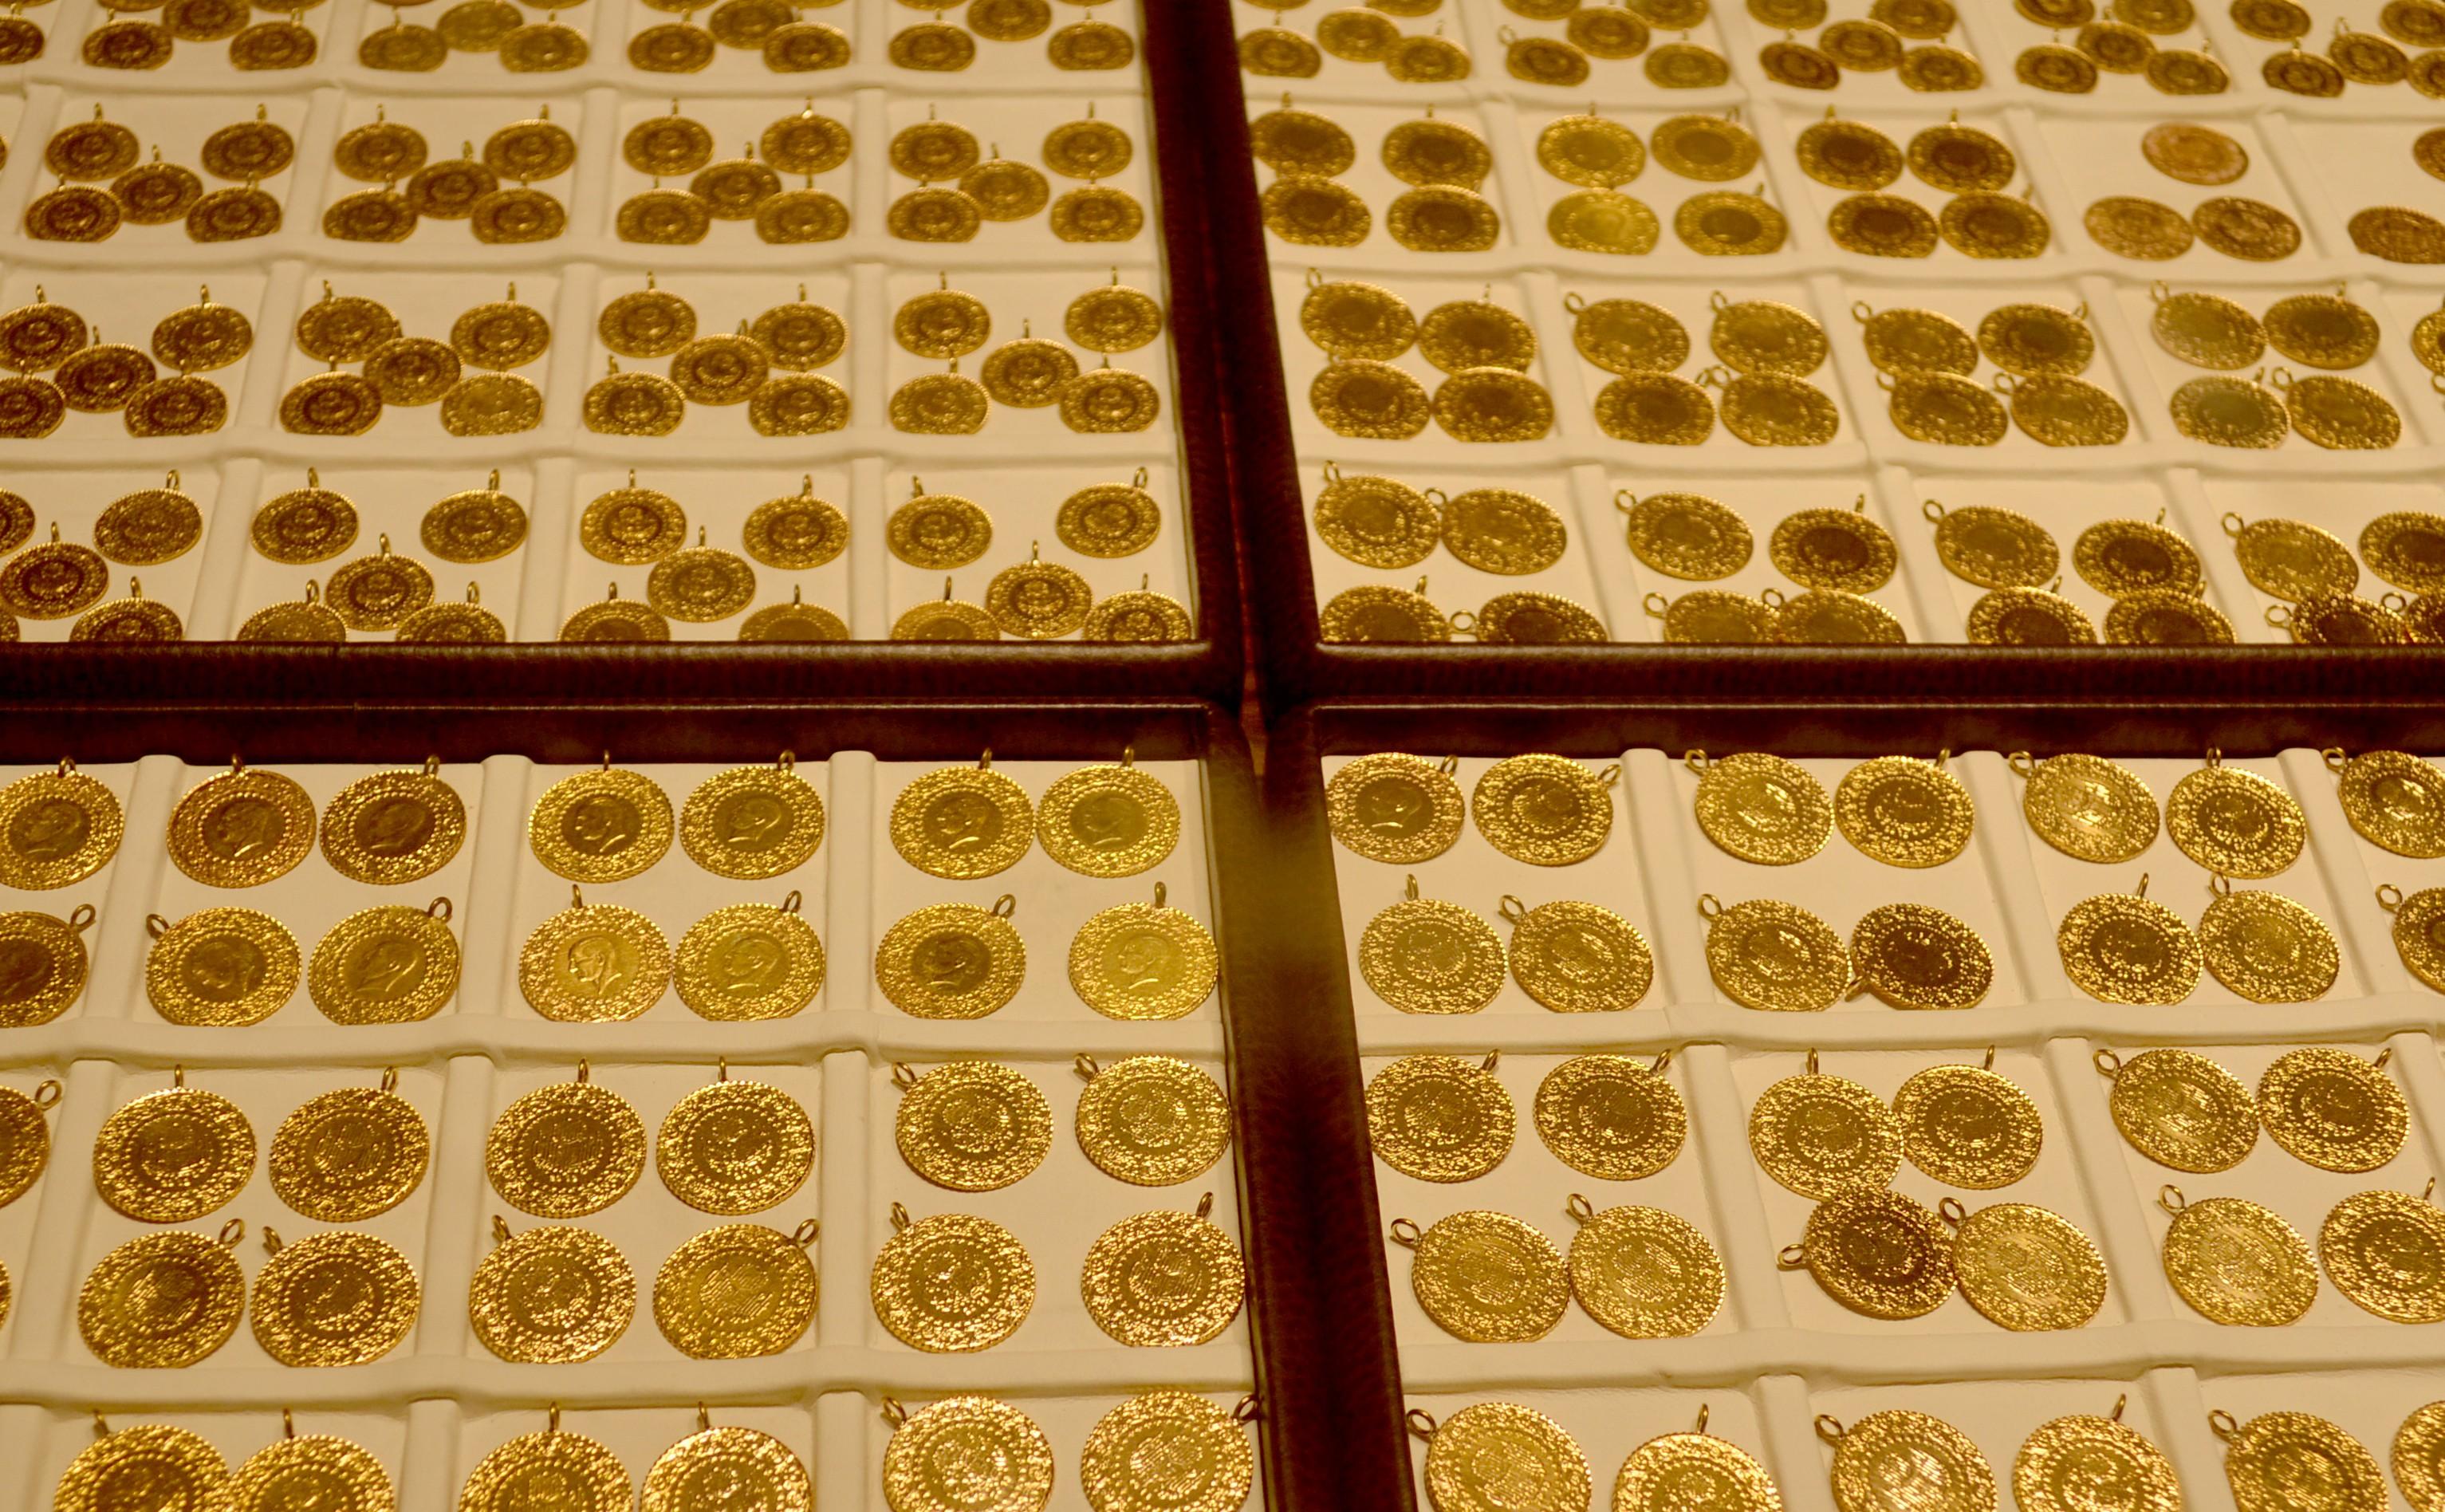 <p>Serbest piyasada 24 ayar külçe altının gram satış fiyatı 461,20 lira oldu.</p> <p></p> <p>İstanbul Kapalıçarşı'da 461 liradan alınan 24 Ayar Külçe Altın (Gr.) 461,20 liradan, 3 bin 38 liradan alınan Cumhuriyet Ata Lira 3 bin 59 liradan, 420,50 liradan alınan 22 Ayar Bilezik (Gr.) 424,50 liradan, 2 bin 969 liradan alınan Lira (Tam) Ziynet 2 bin 989 liradan, bin 484 liradan alınan Yarım Ziynet bin 494 liradan ve 742 liradan alınan Çeyrek Ziynet 747 liradan satılıyor.</p>